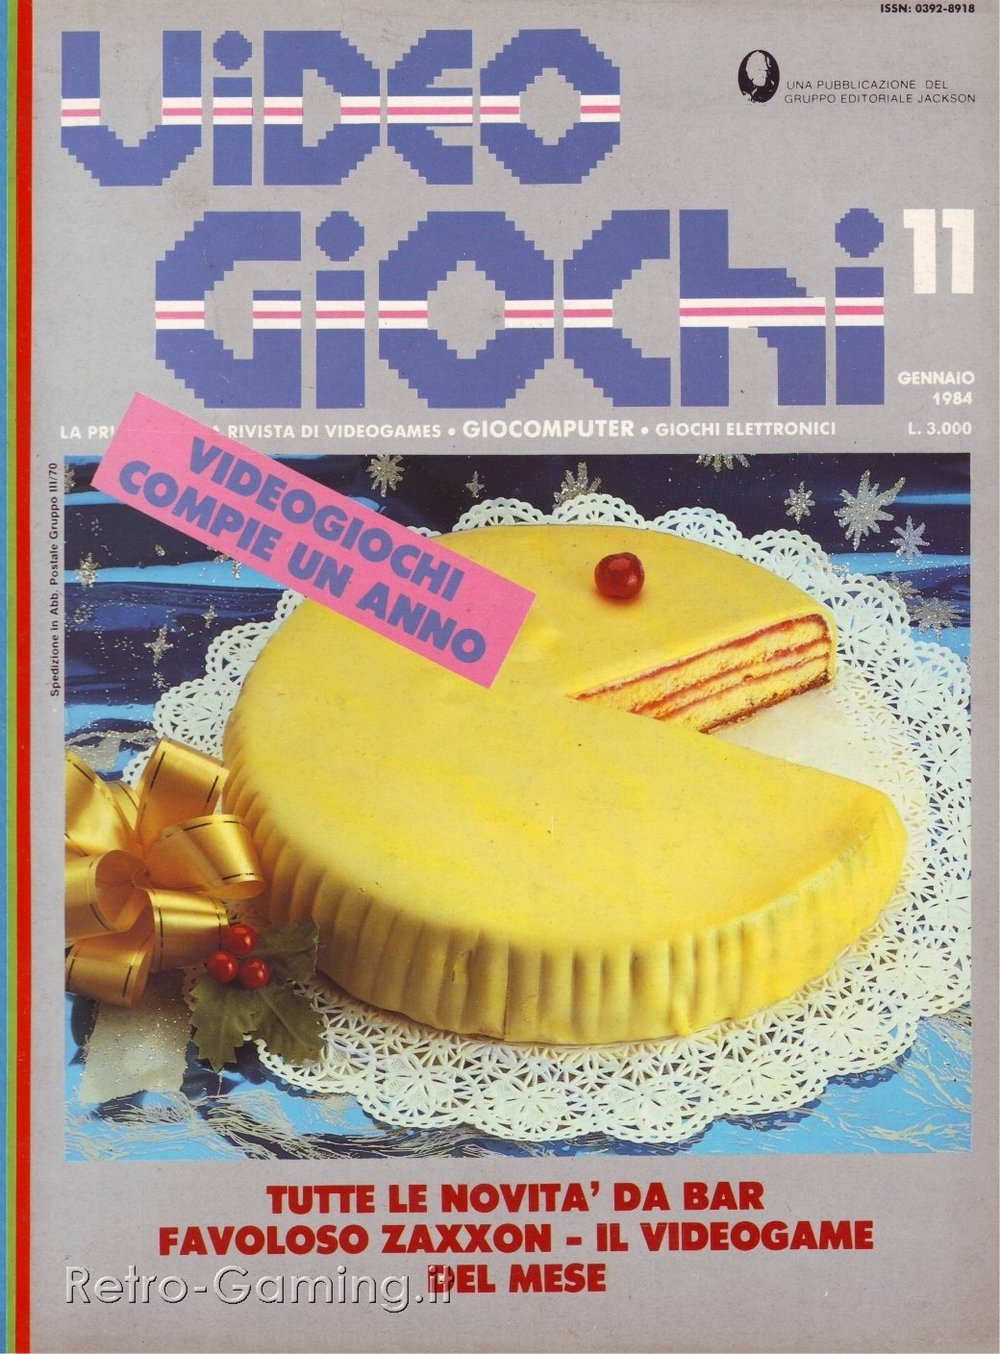 E per il primo anno della rivista  Videogiochi  indovina un po' la torta che forma ha.